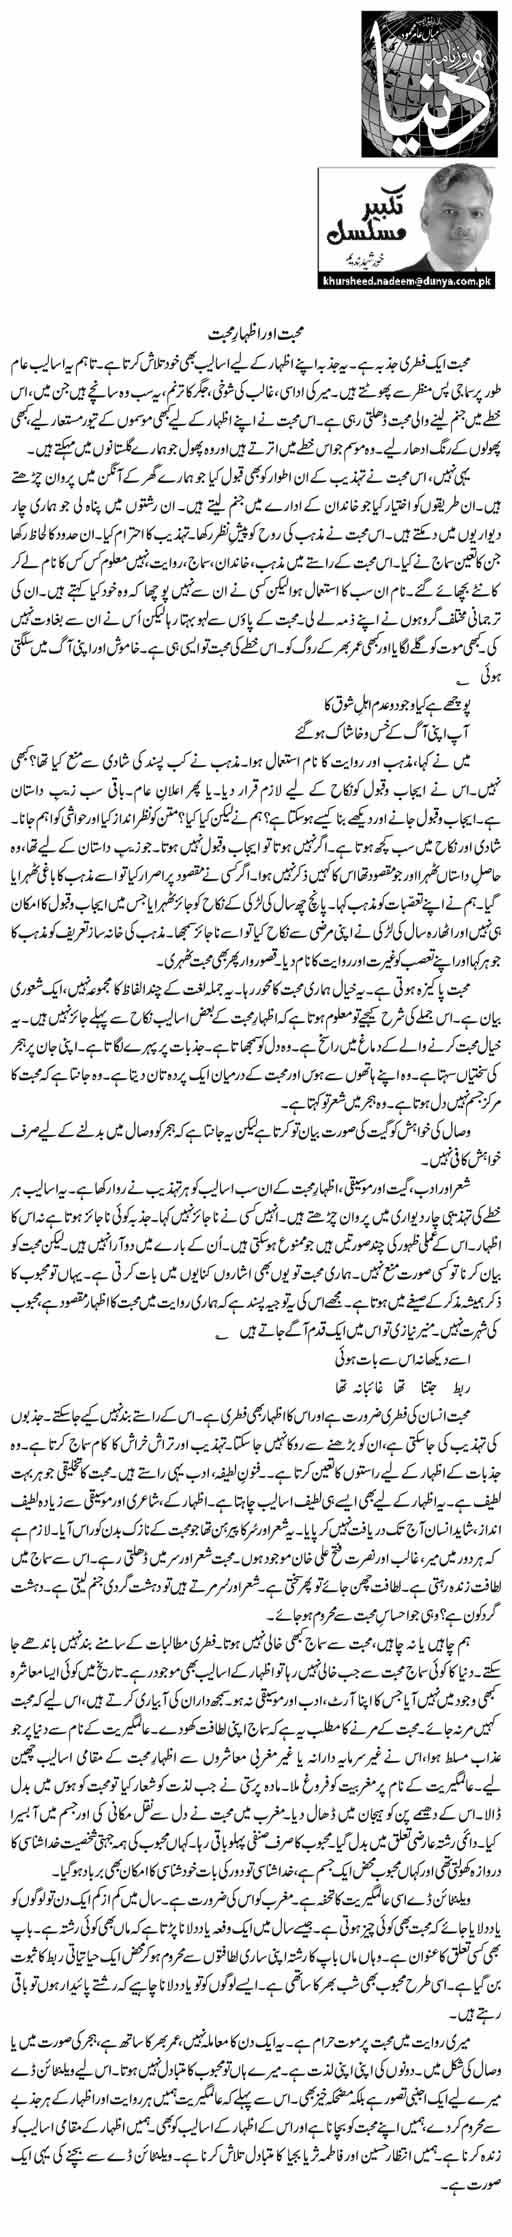 Mohabbat Aor Izhar Mohabbat | Khursheed Nadeem | Daily Urdu Columns